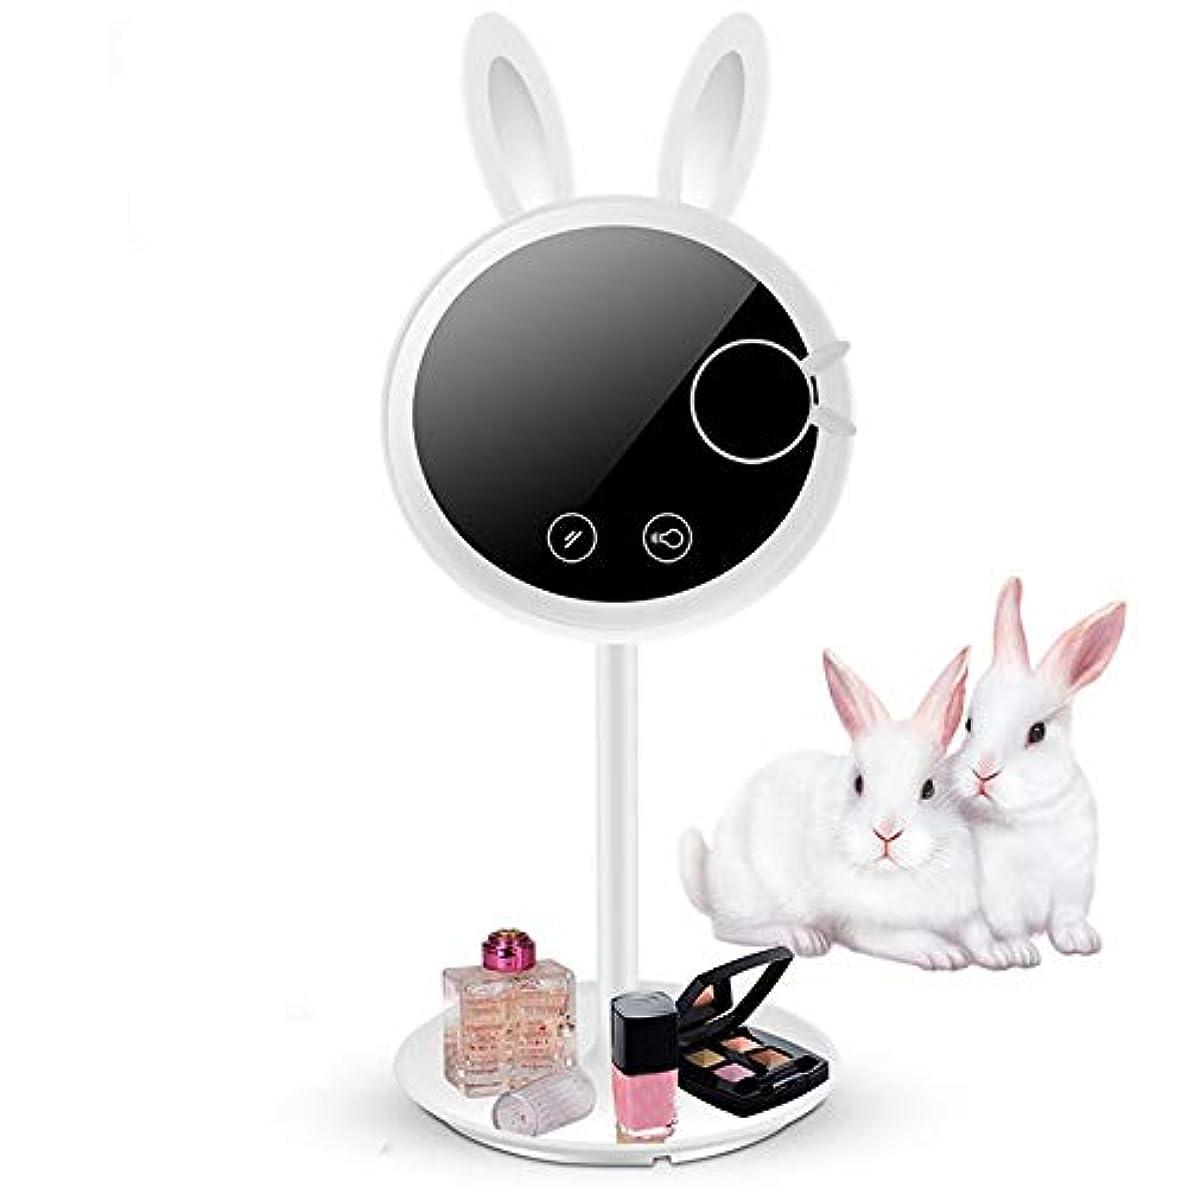 速度やろうペナルティ流行の 新しいバニーLEDフィルライト化粧鏡と光インテリジェントフィルライトデスクトップ化粧鏡ABS小さなギフトホワイト